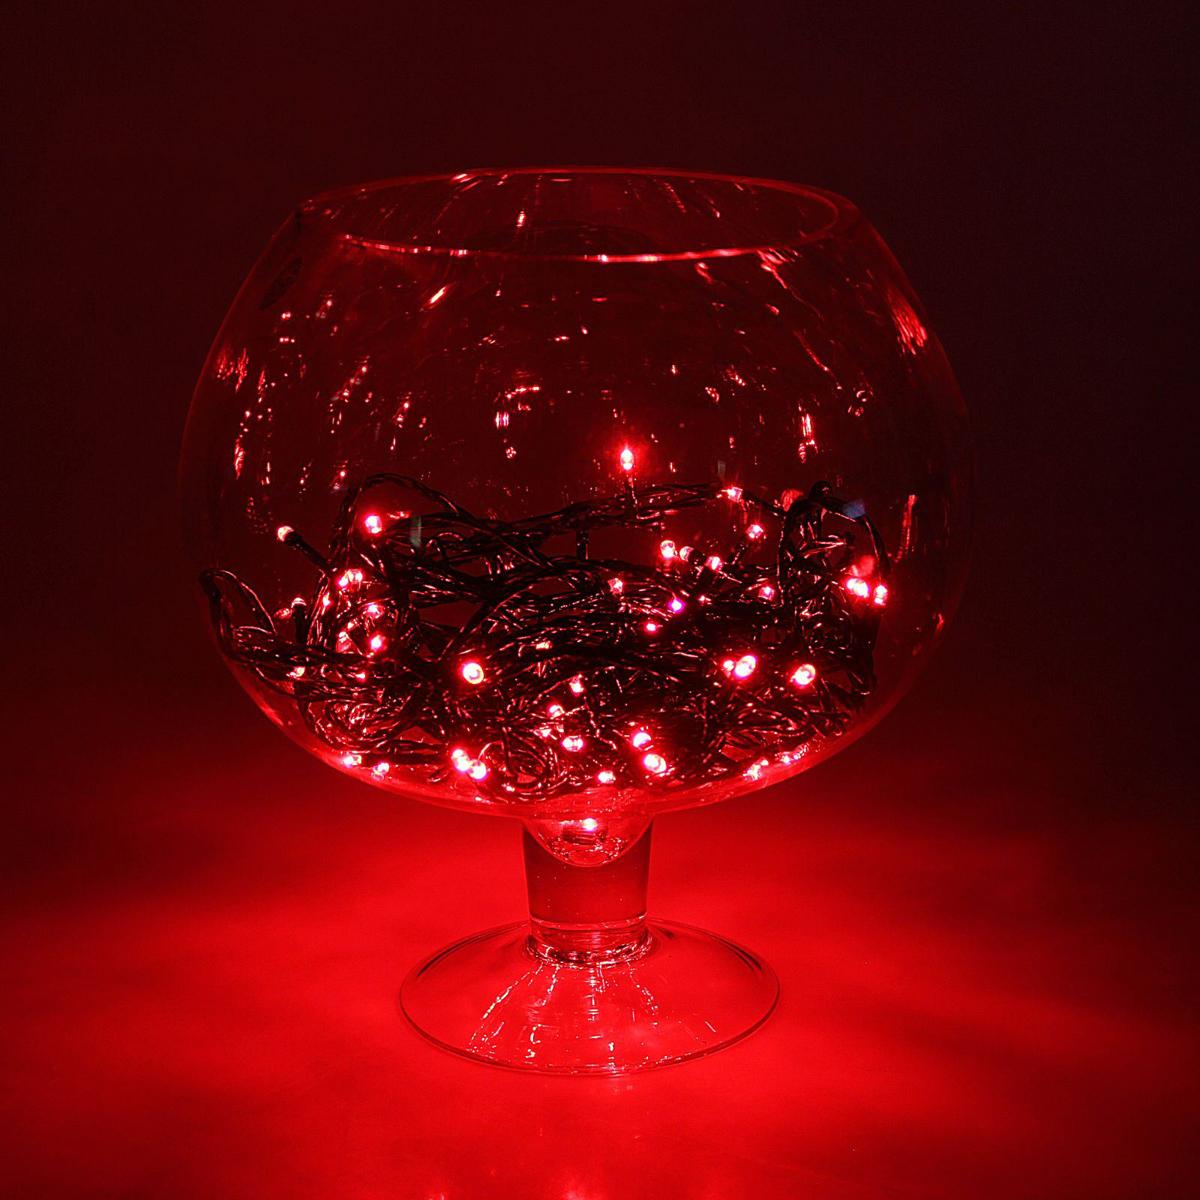 Гирлянда Luazon Метраж, длина 10 м, LED 100 ламп, 24В, цвет: красный. 16720341672034Светодиодные гирлянды, ленты и т.д — это отличный вариант для новогоднего оформления интерьера или фасада. С их помощью помещение любого размера можно превратить в праздничный зал, а внешние элементы зданий, украшенные ими, мгновенно станут напоминать очертания сказочного дворца. Такие украшения создают ауру предвкушения чуда. Деревья, фасады, витрины, окна и арки будто специально созданы, чтобы вы украсили их светящимися нитями.